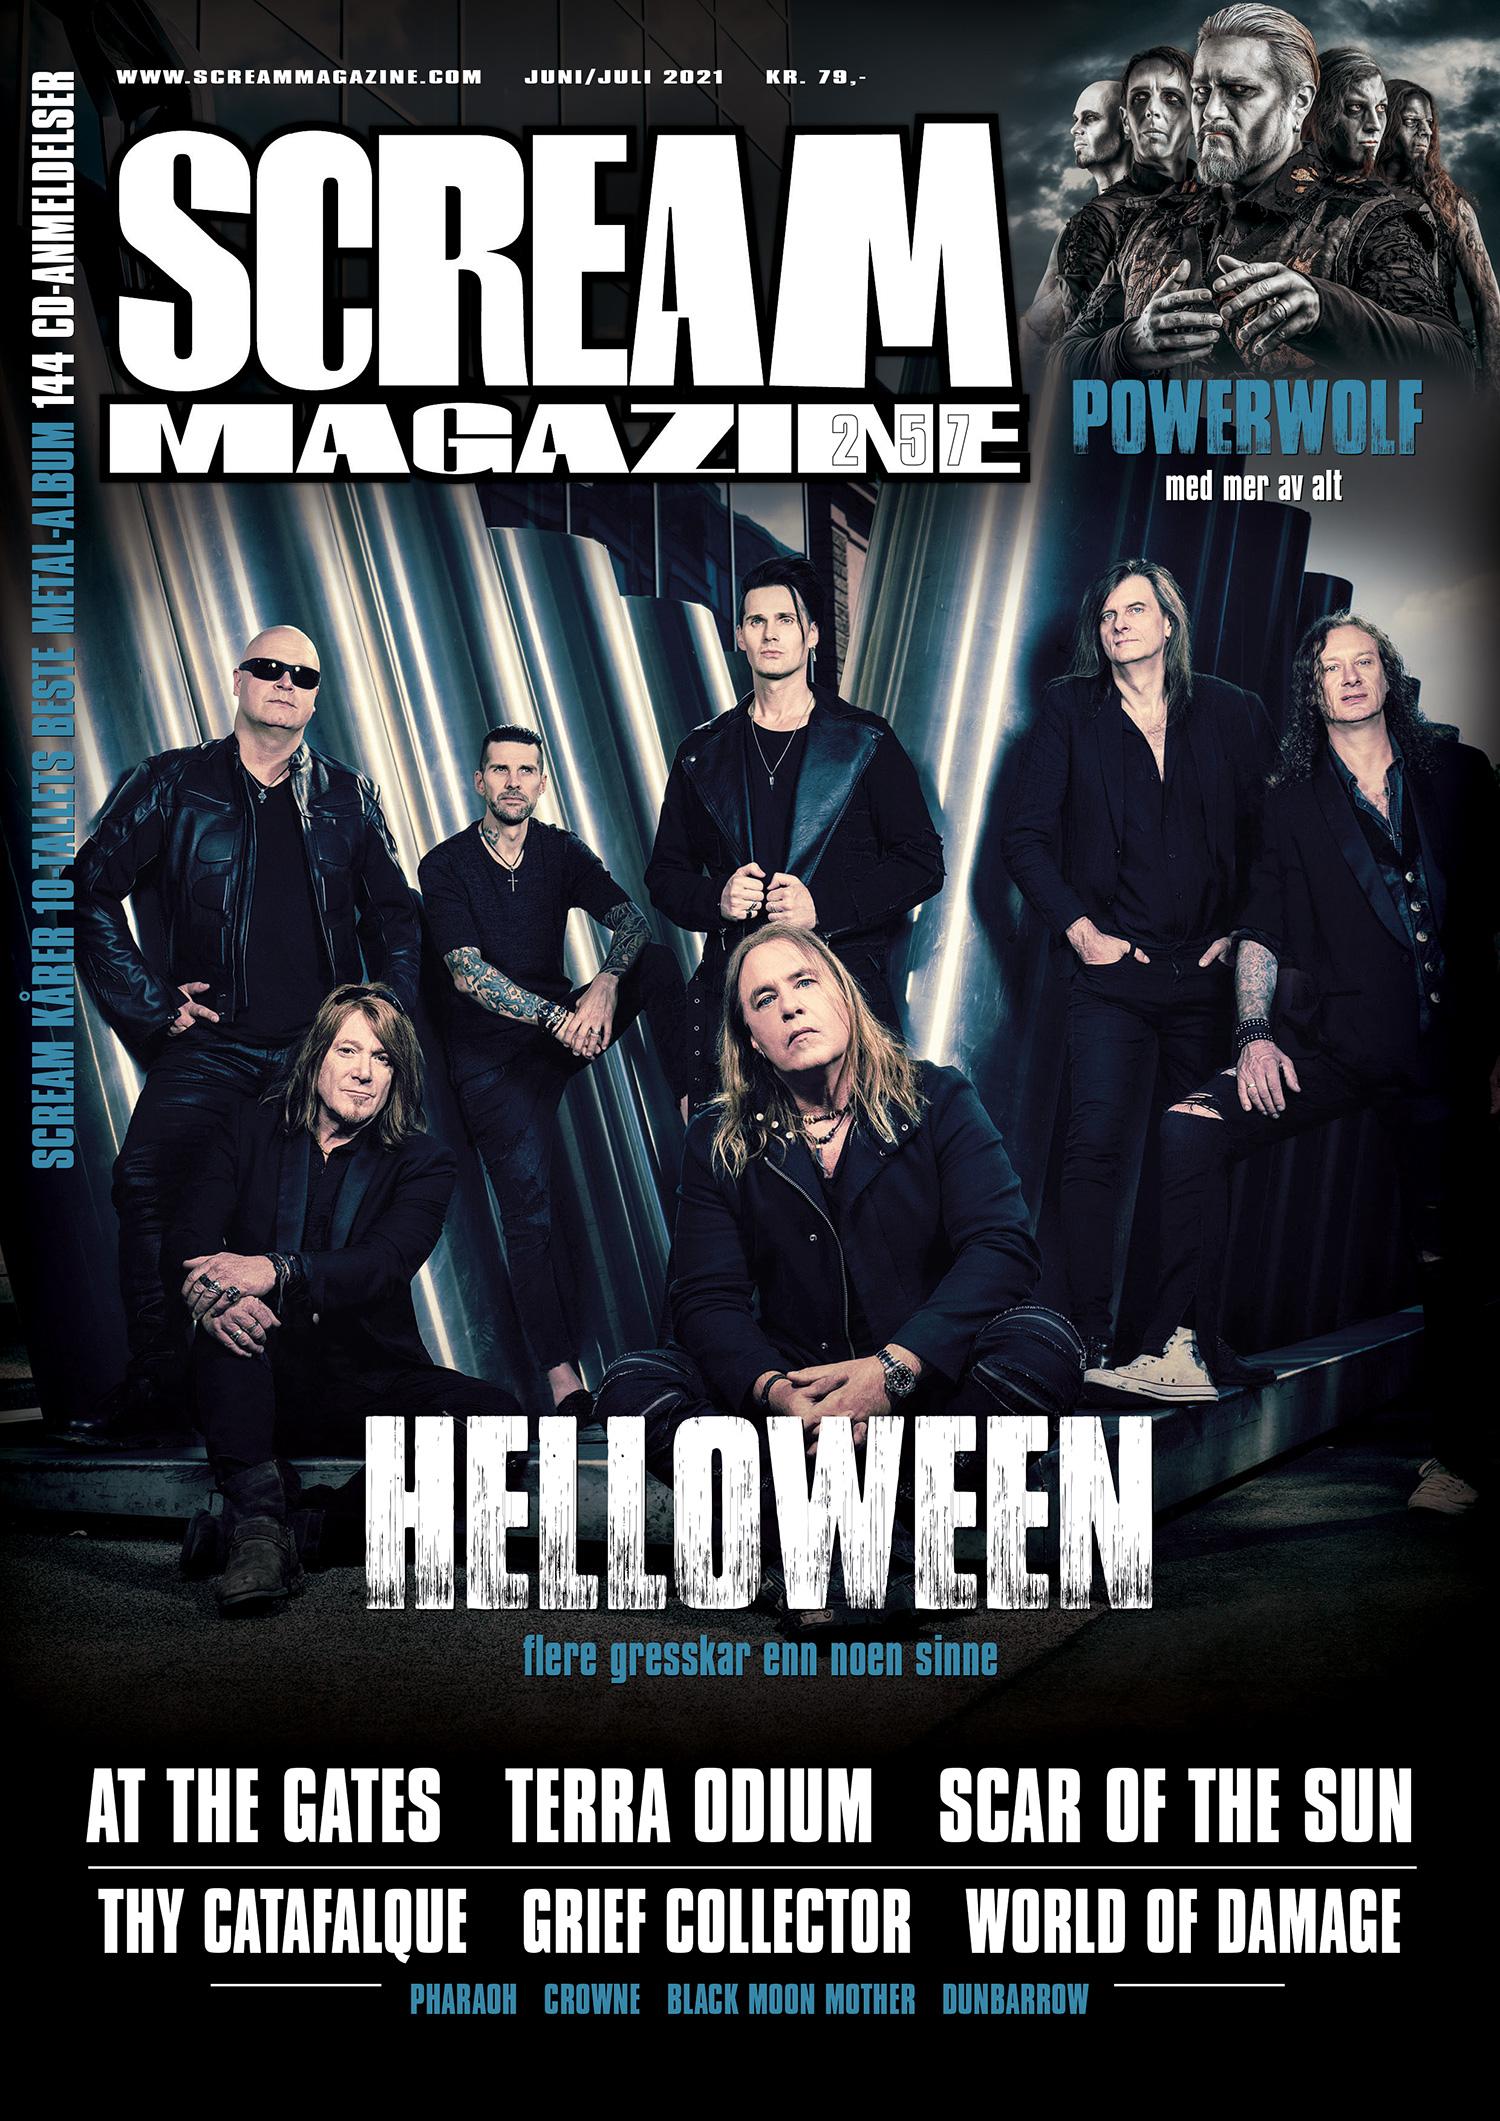 Scream Magazine #257